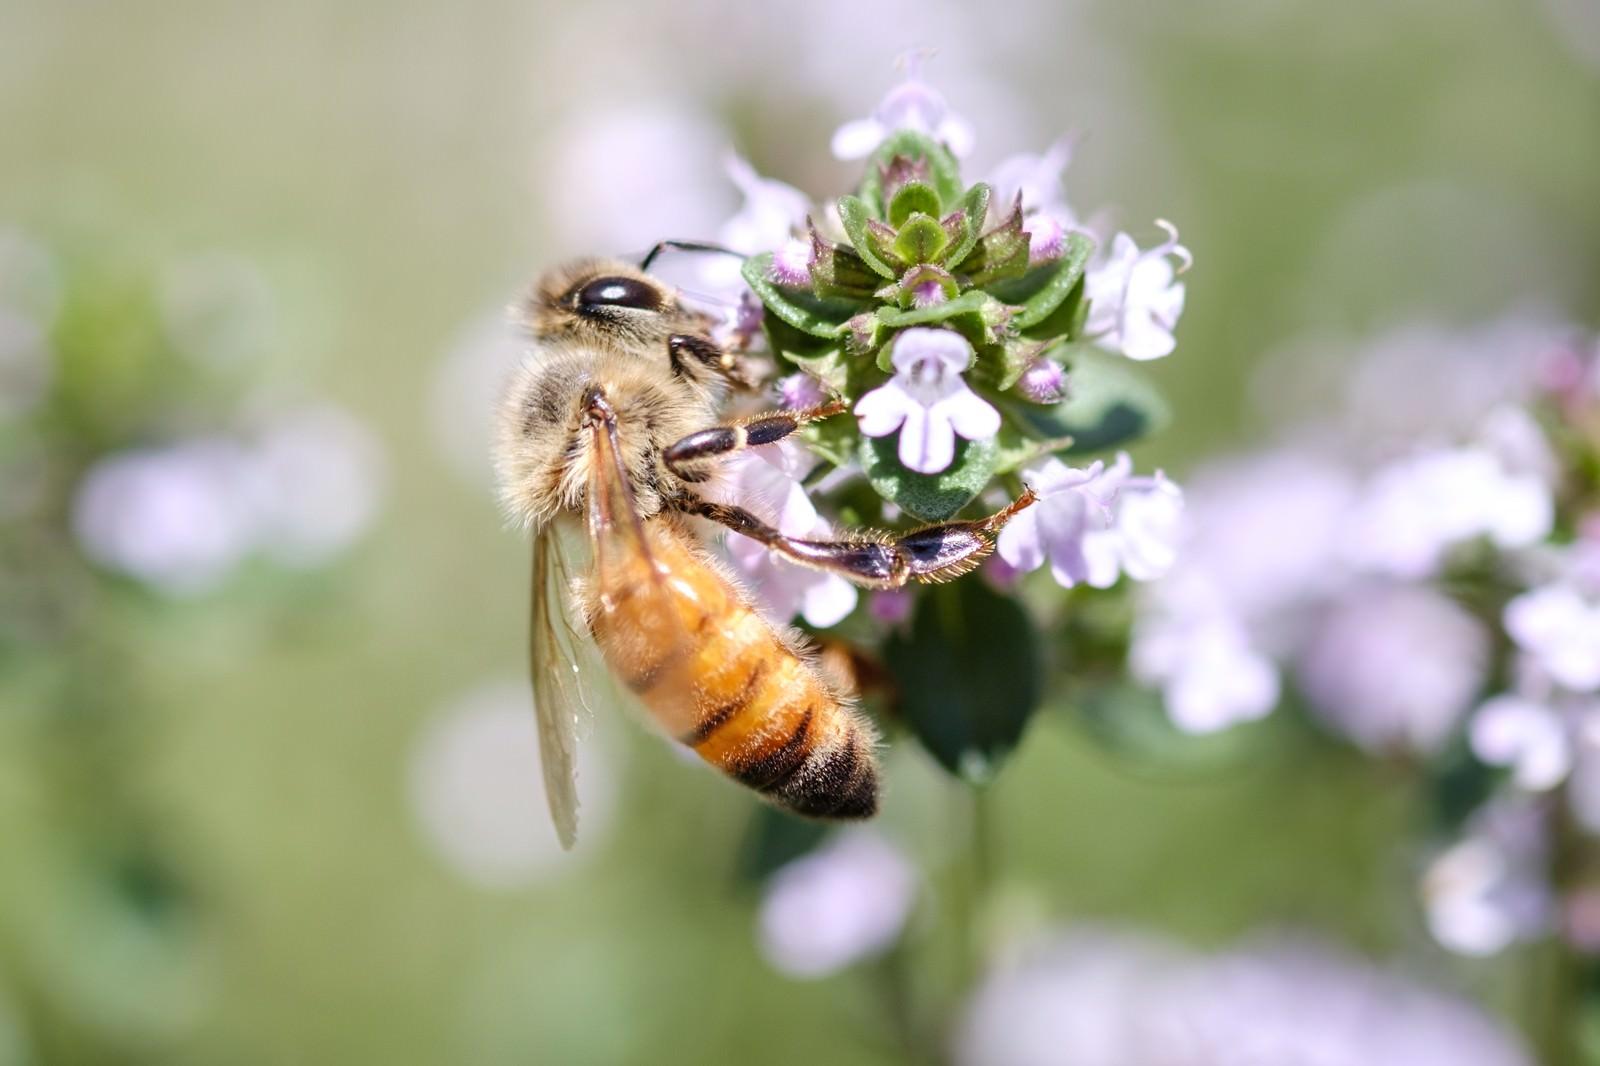 「ハーブから吸蜜するセイヨウミツバチ | 写真の無料素材・フリー素材 - ぱくたそ」の写真